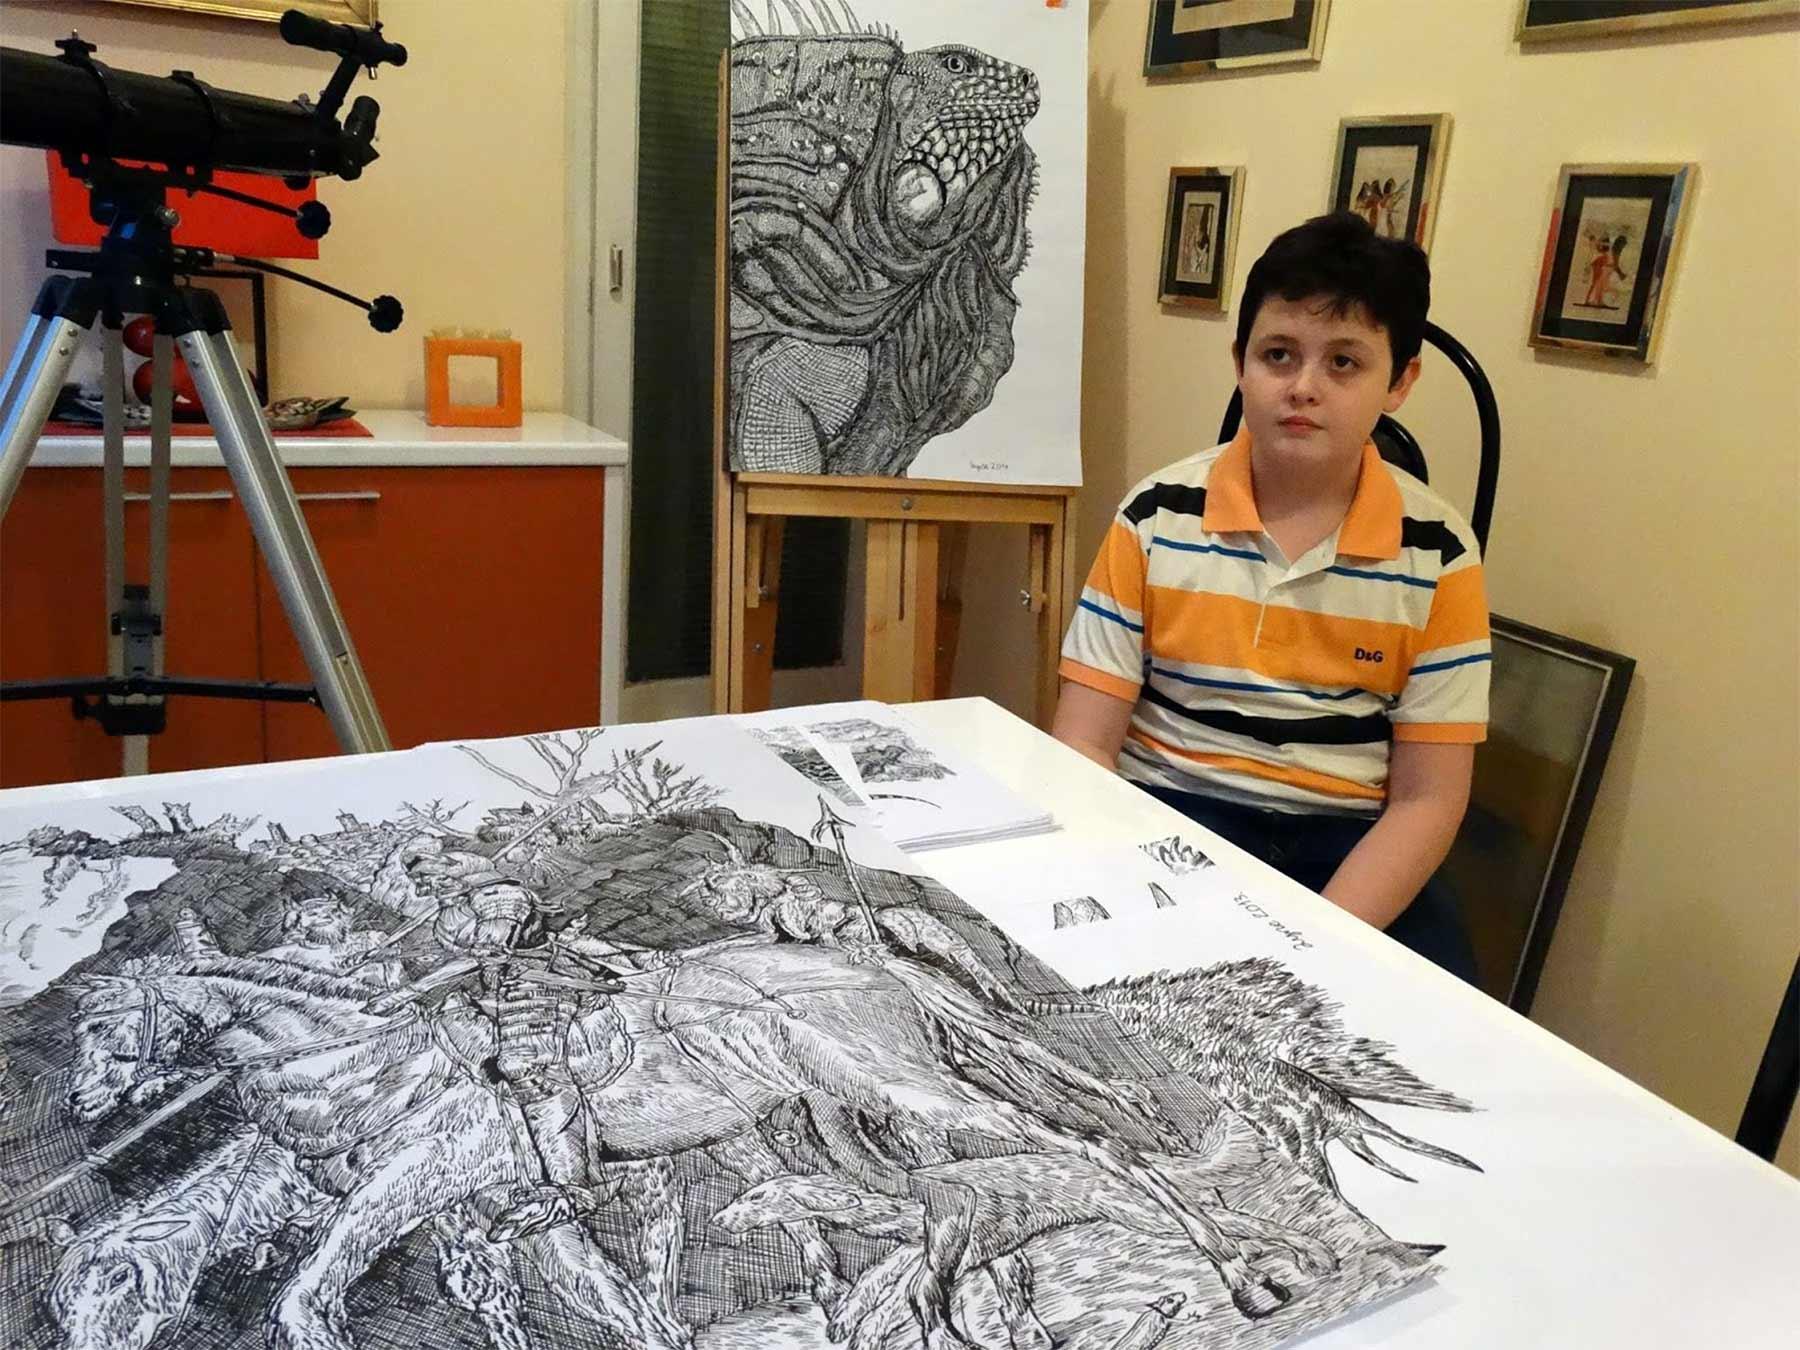 Die genialen Zeichnungen des 15-jährigen Dušan Krtolica Dusan-Krtolica-zeichnungen-2018_06